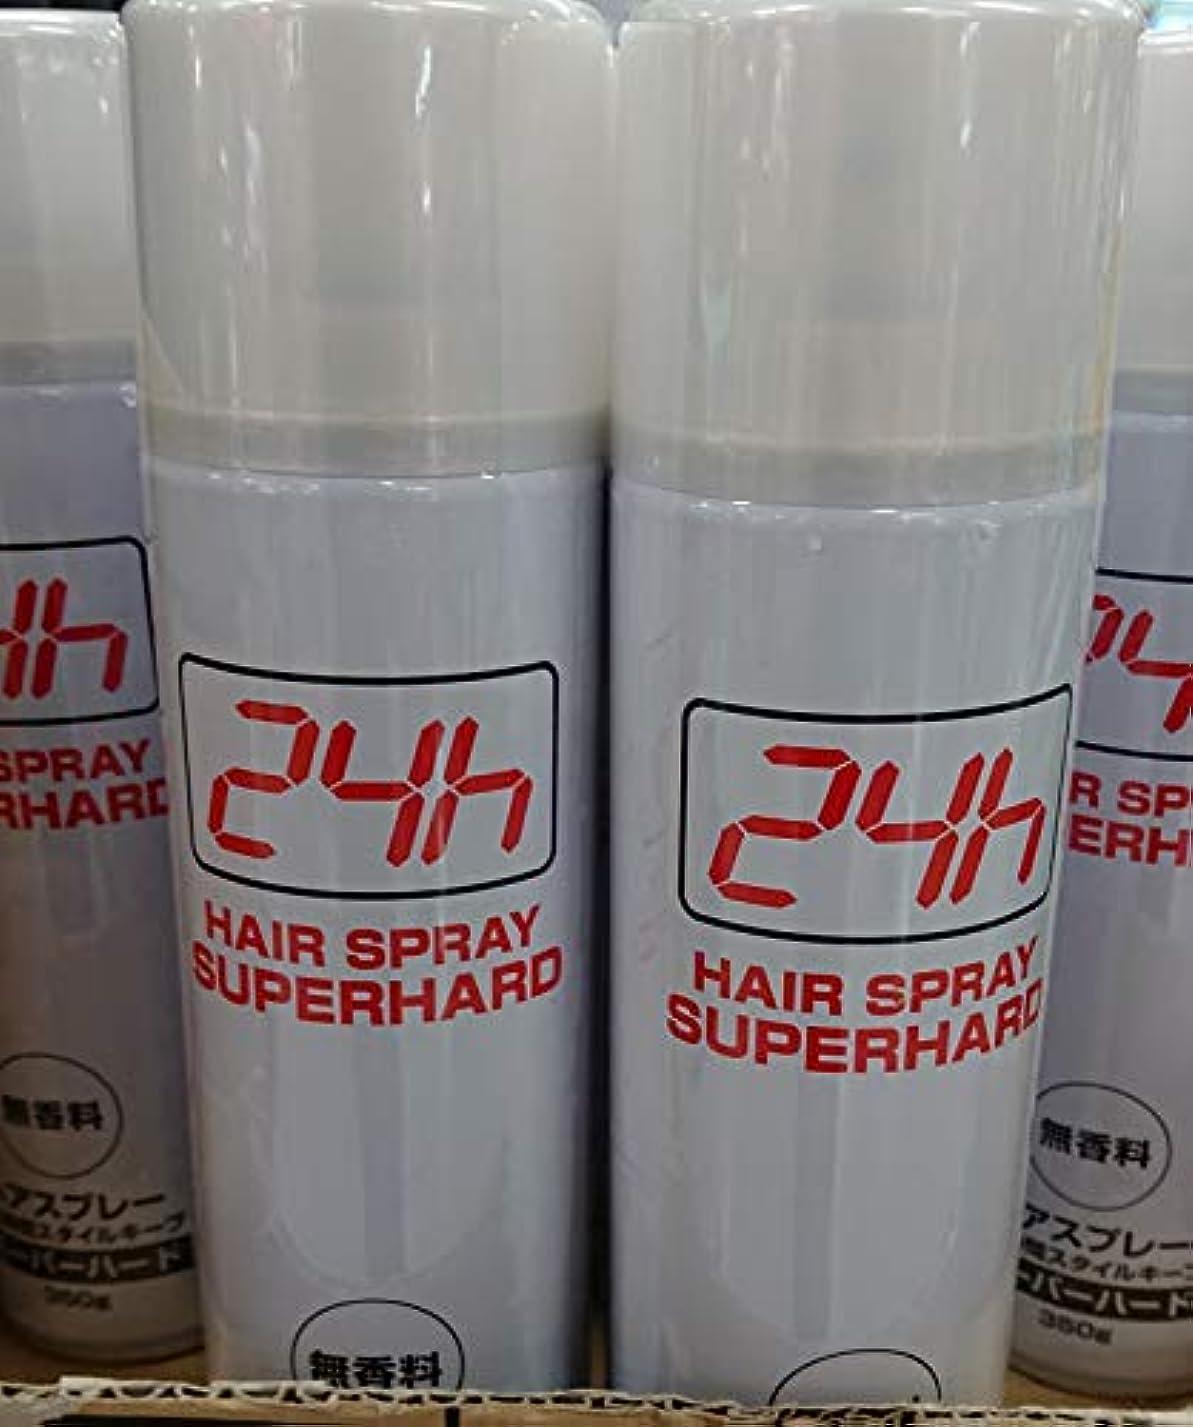 値する憂鬱な周波数KEEP24 ヘアスプレー スーパーハード 無香料 大容量350g 1本